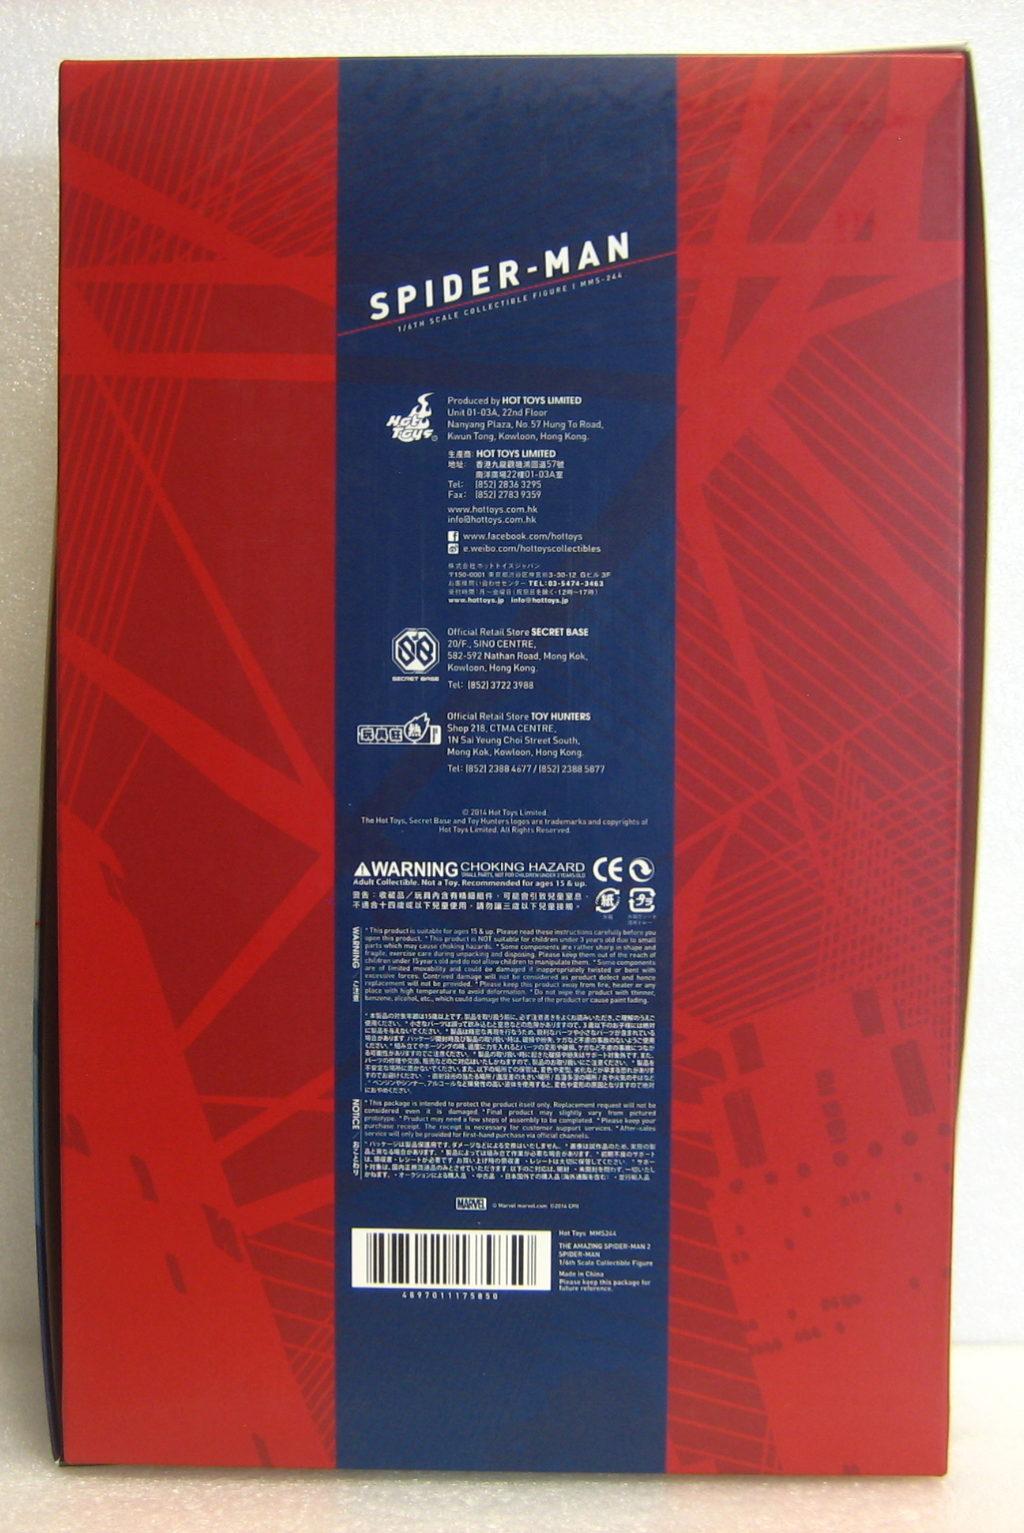 hot toys amazing spider-man 2 box back